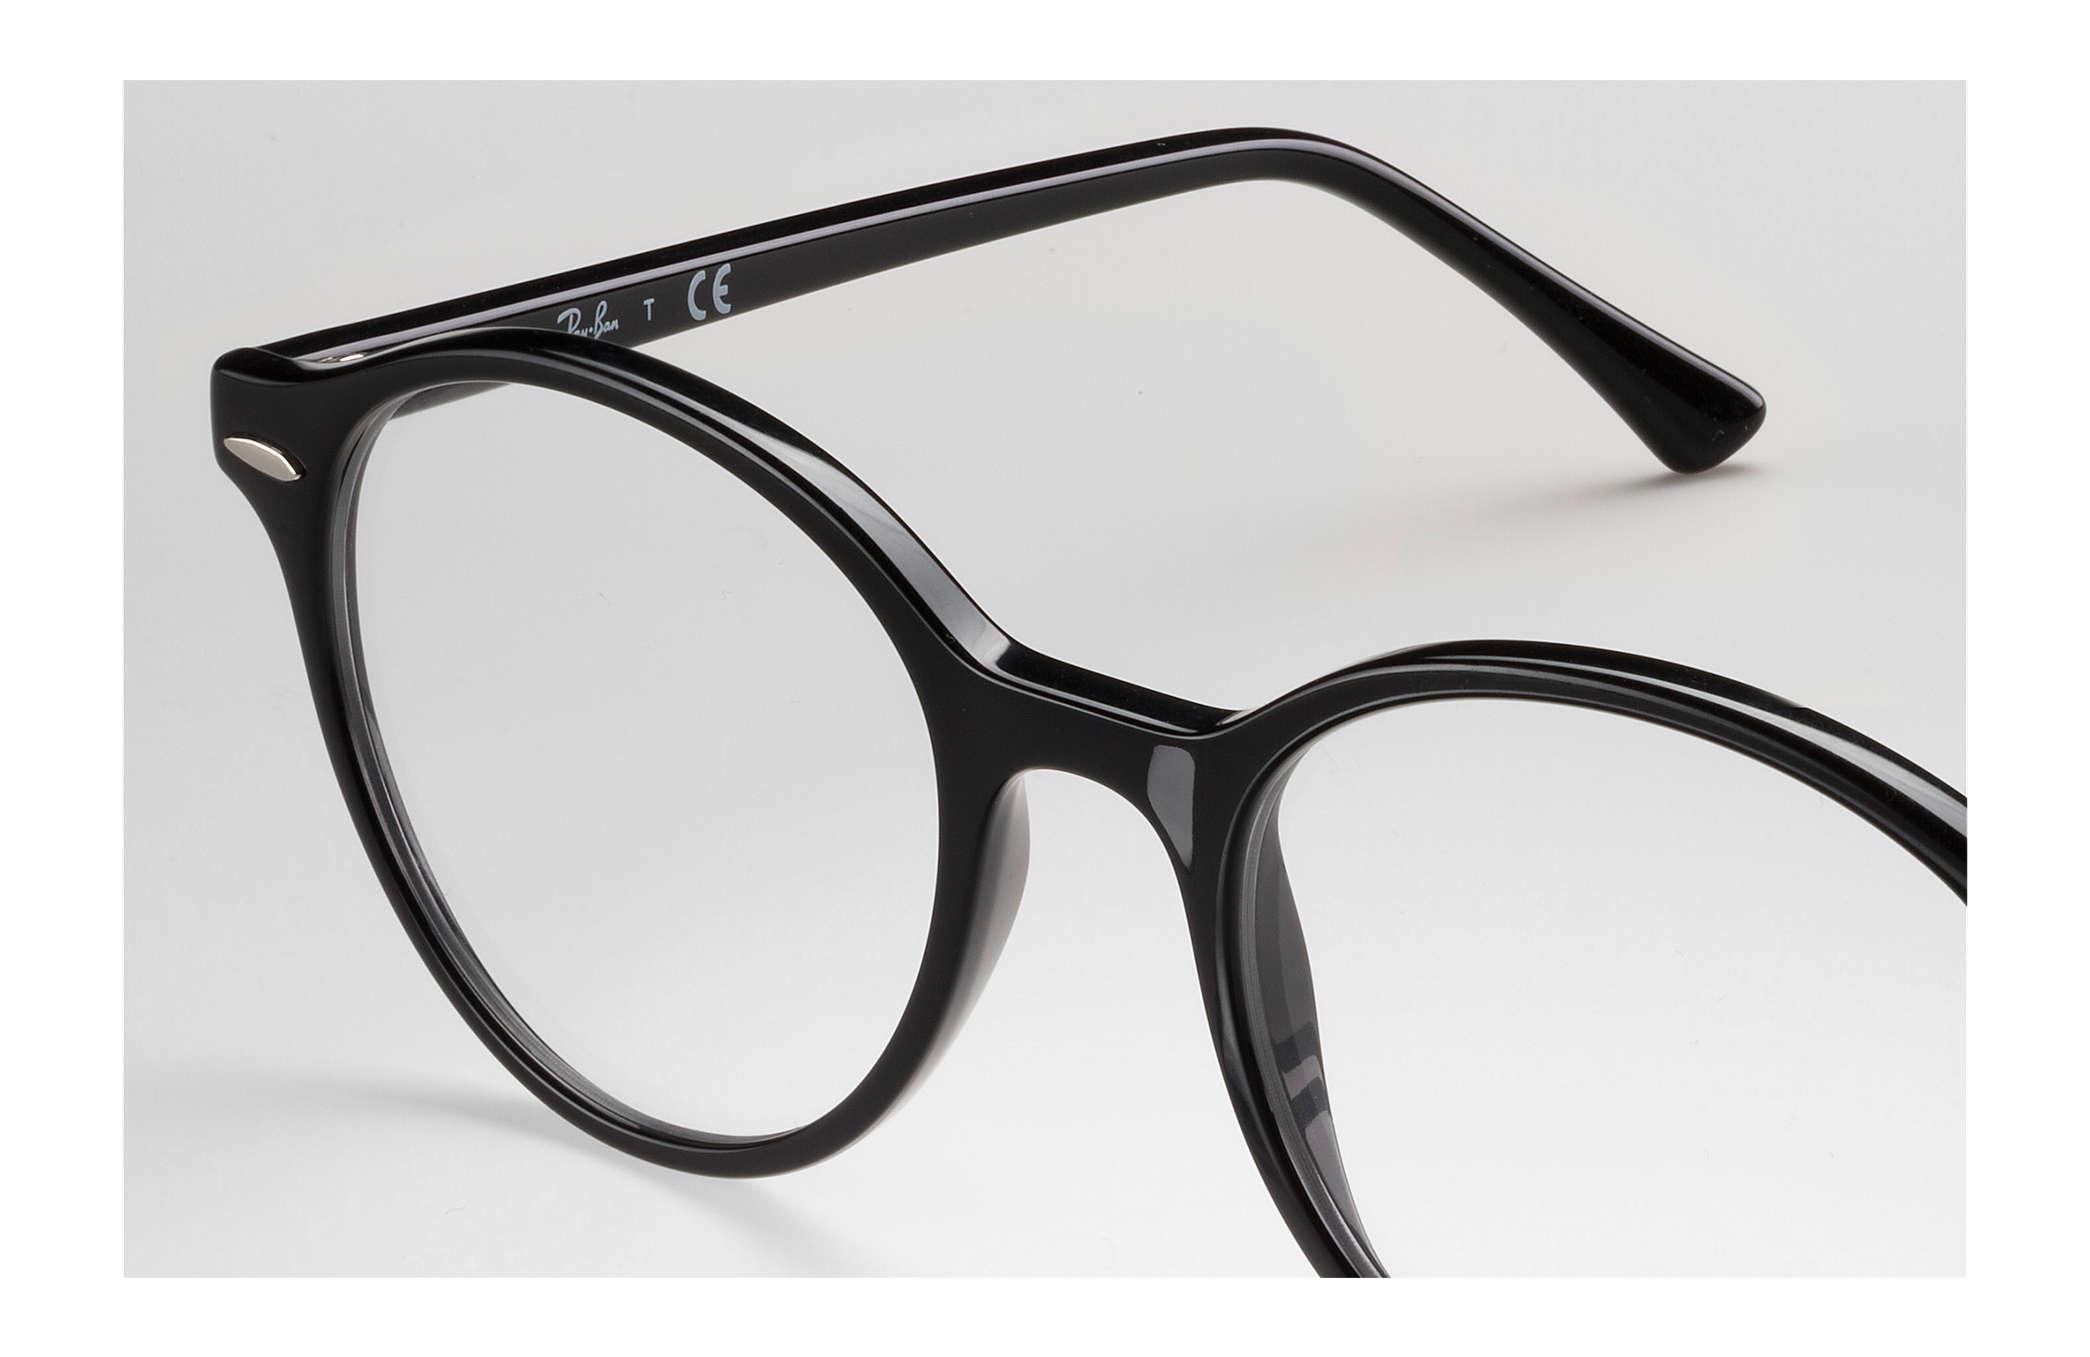 6aa04fb9d9f29 Ray-Ban prescription glasses Dean RB7118 Black - Propionate ...